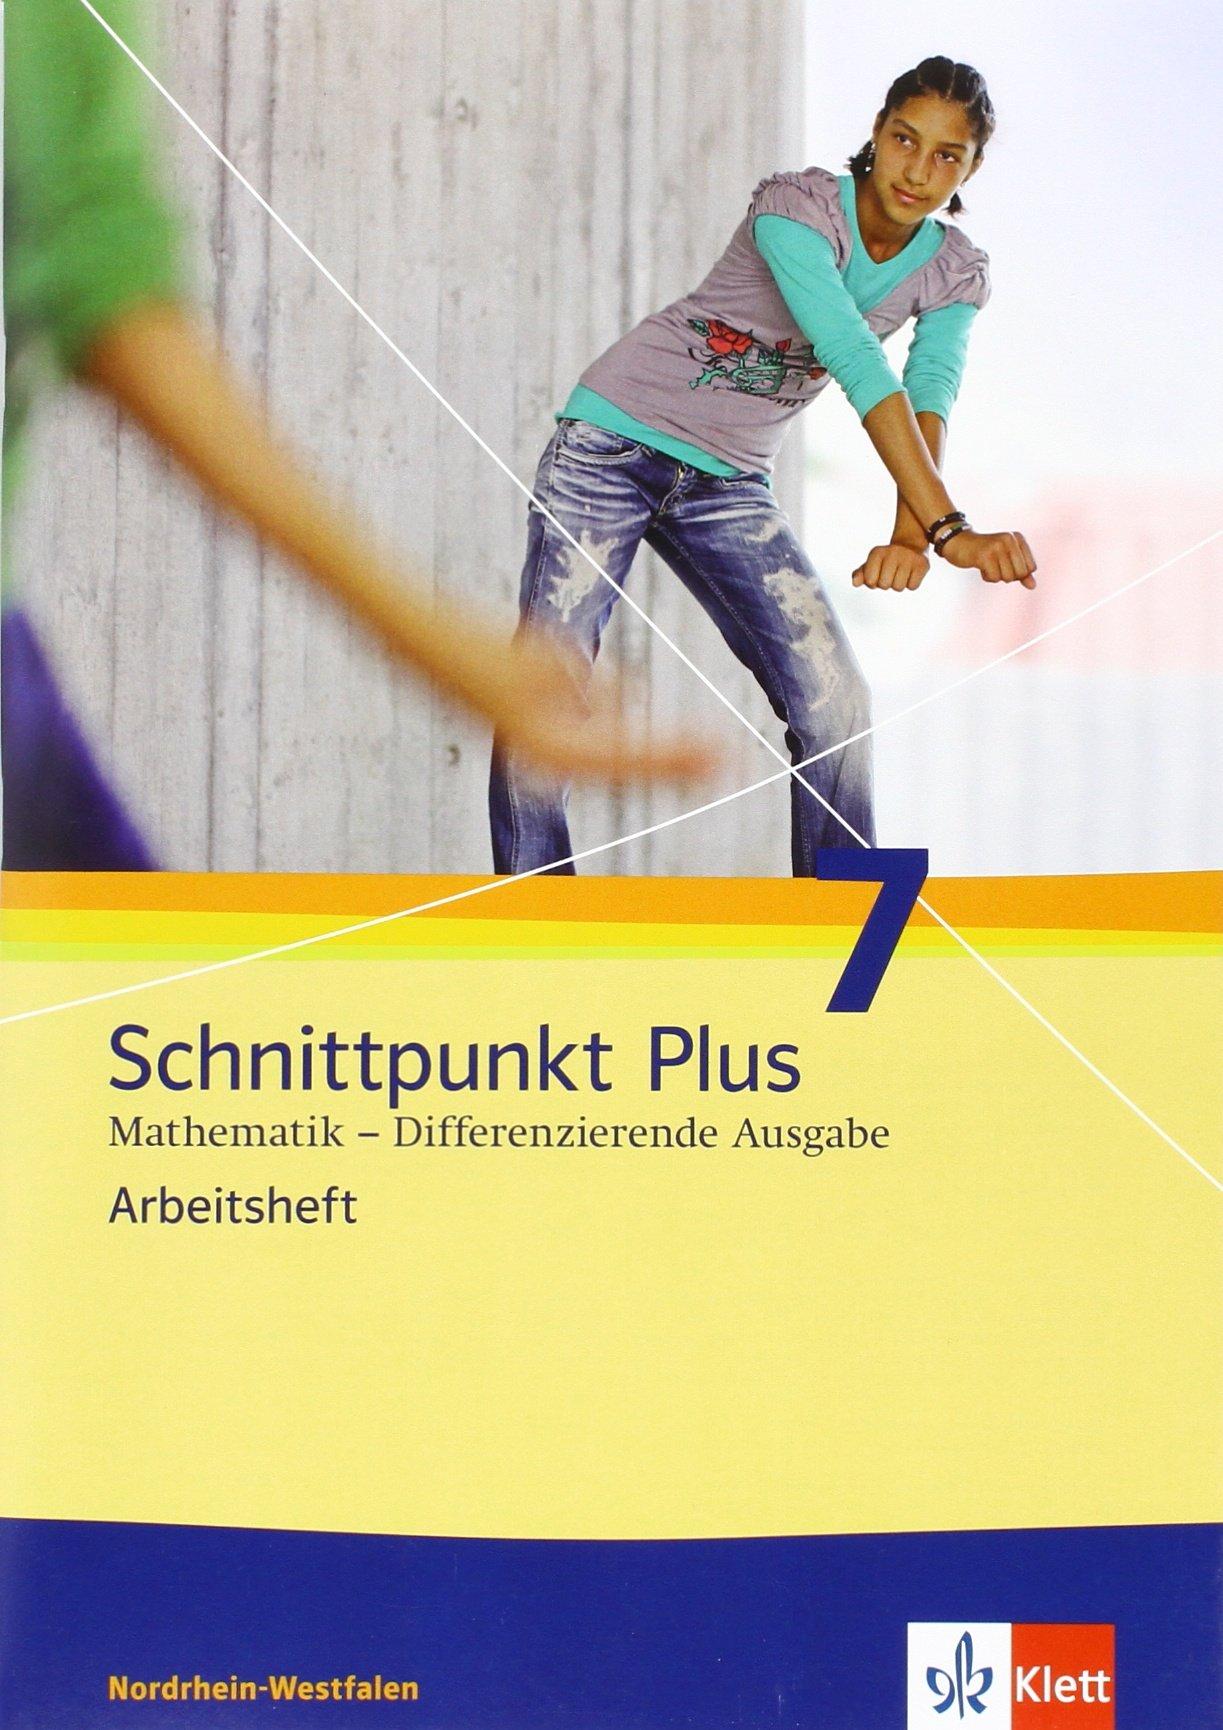 Schnittpunkt Plus Mathematik / Differenzierende Ausgabe Nordrhein-Westfalen ab 2012: Schnittpunkt Plus Mathematik / Arbeitsheft mit Lösungsheft 7. ... Ausgabe Nordrhein-Westfalen ab 2012